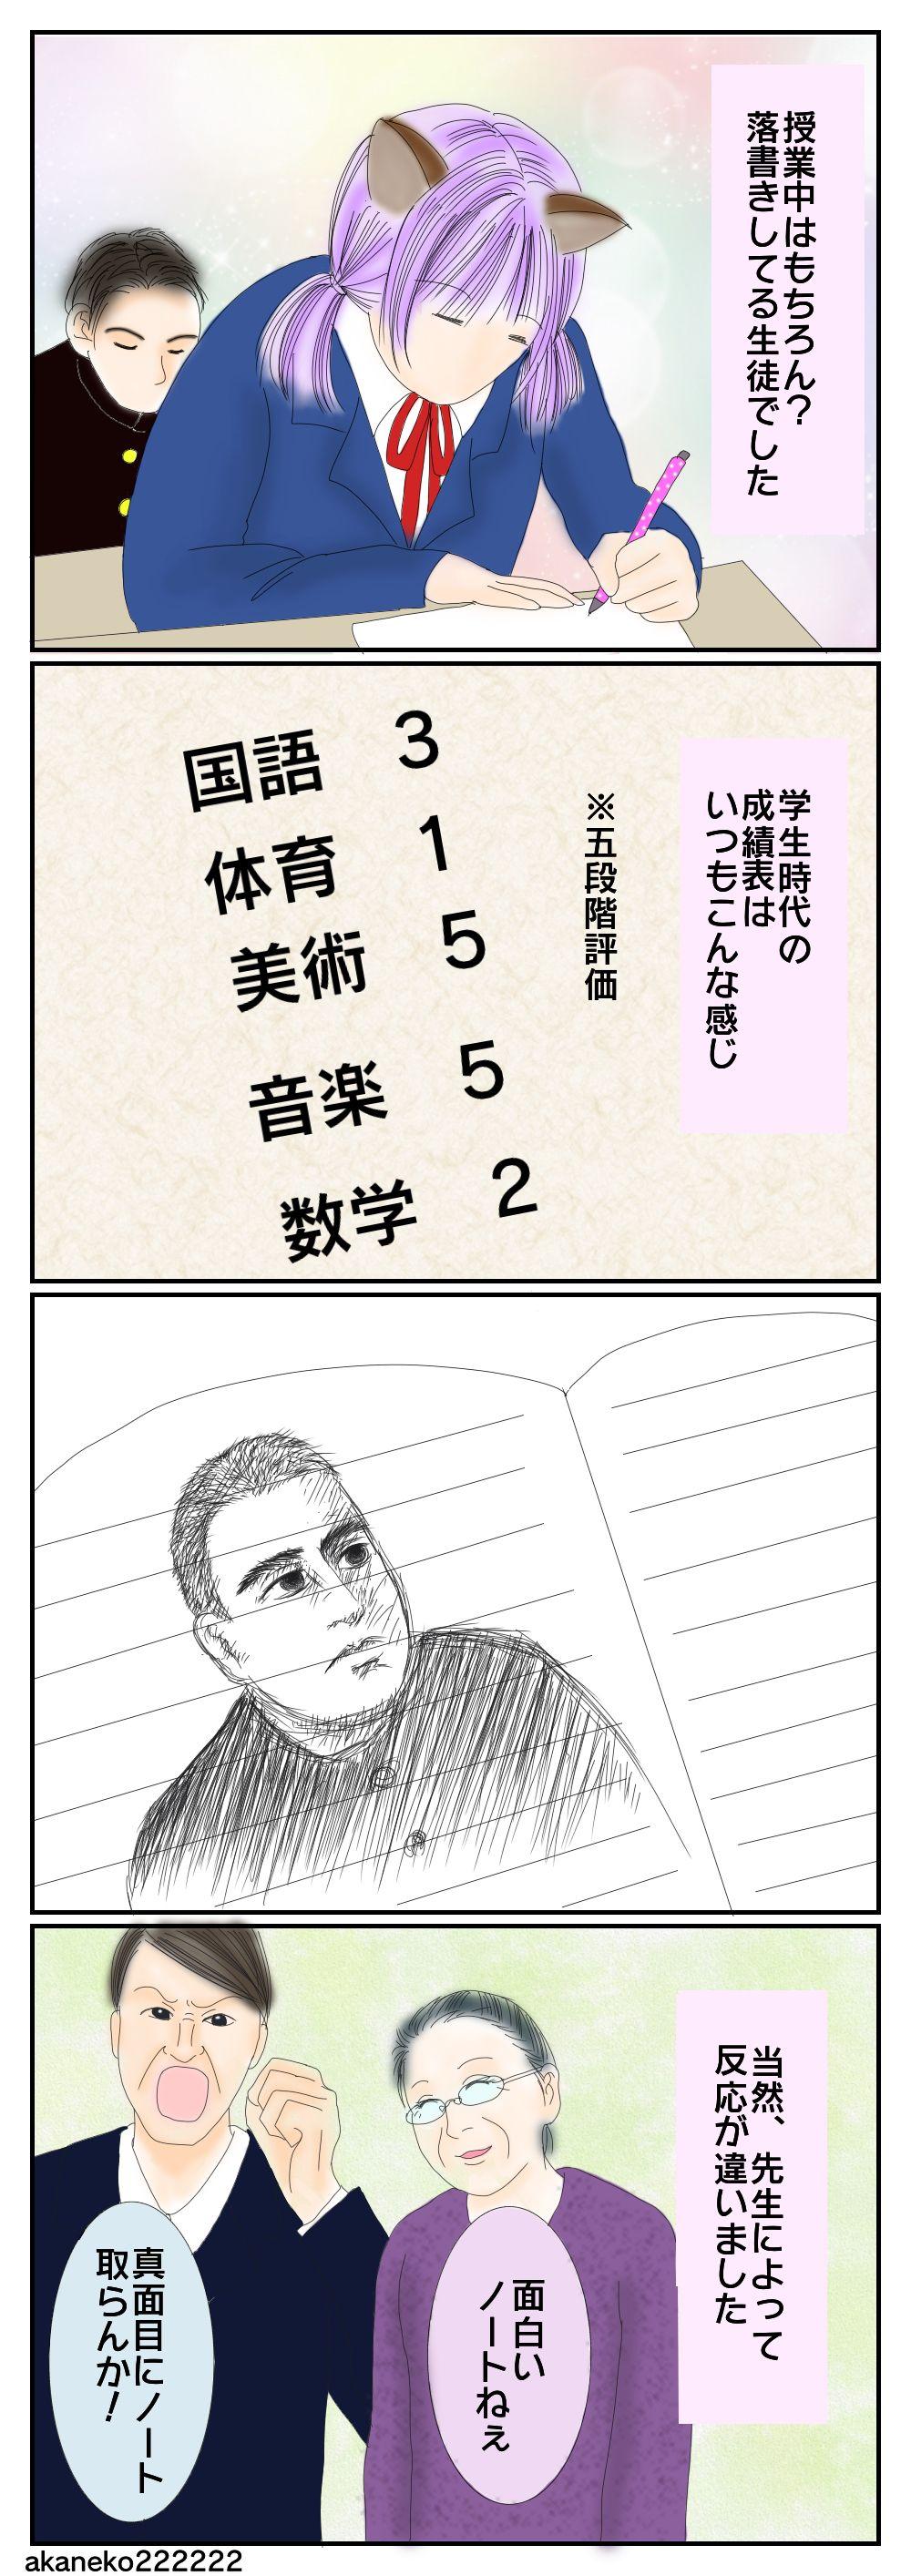 授業中に落書きをする生徒の四コマ漫画